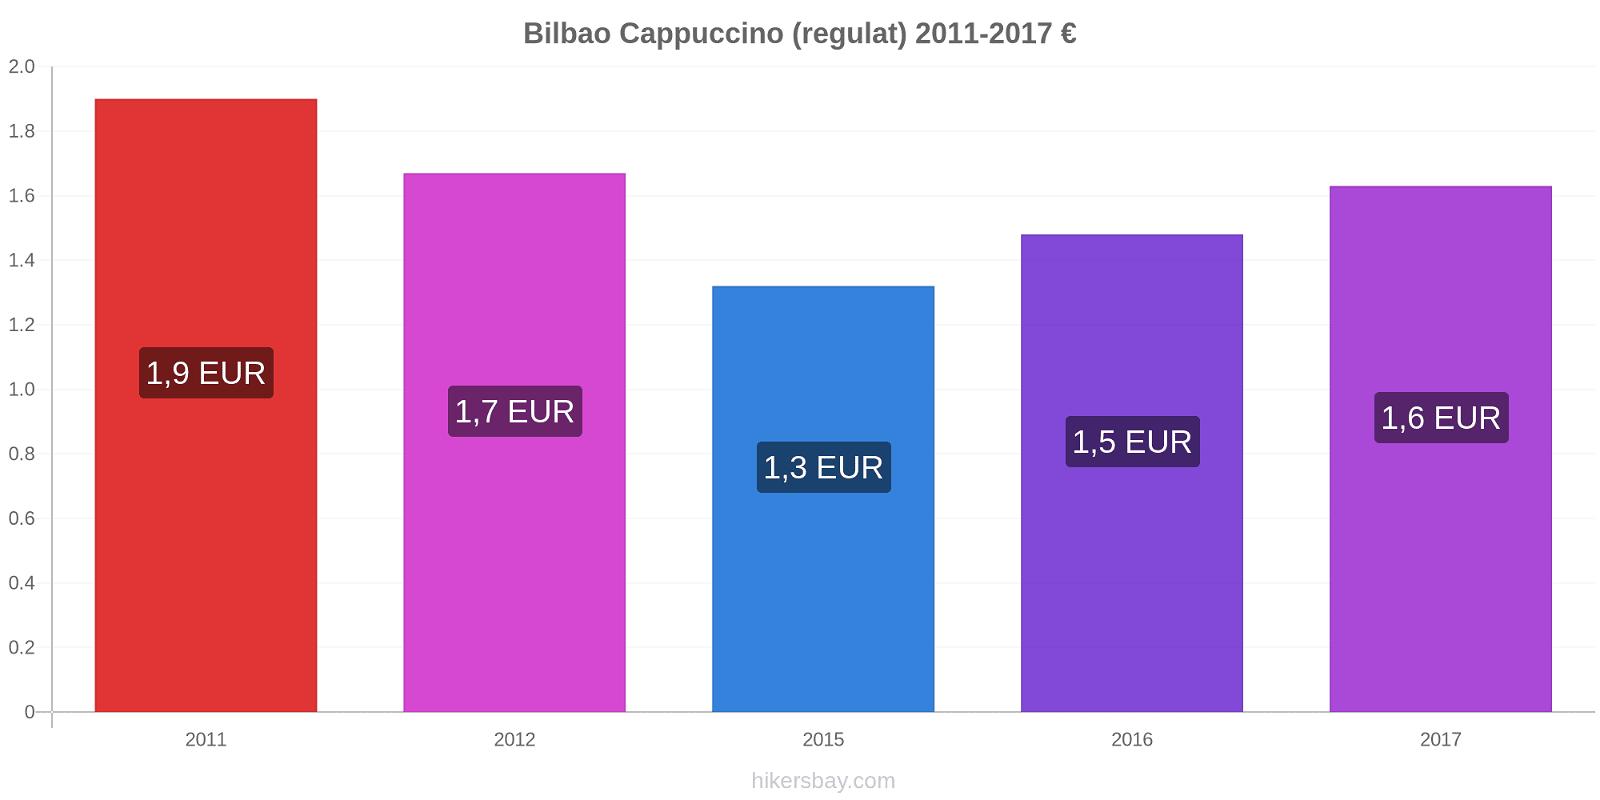 Bilbao modificări de preț Cappuccino (regulat) hikersbay.com